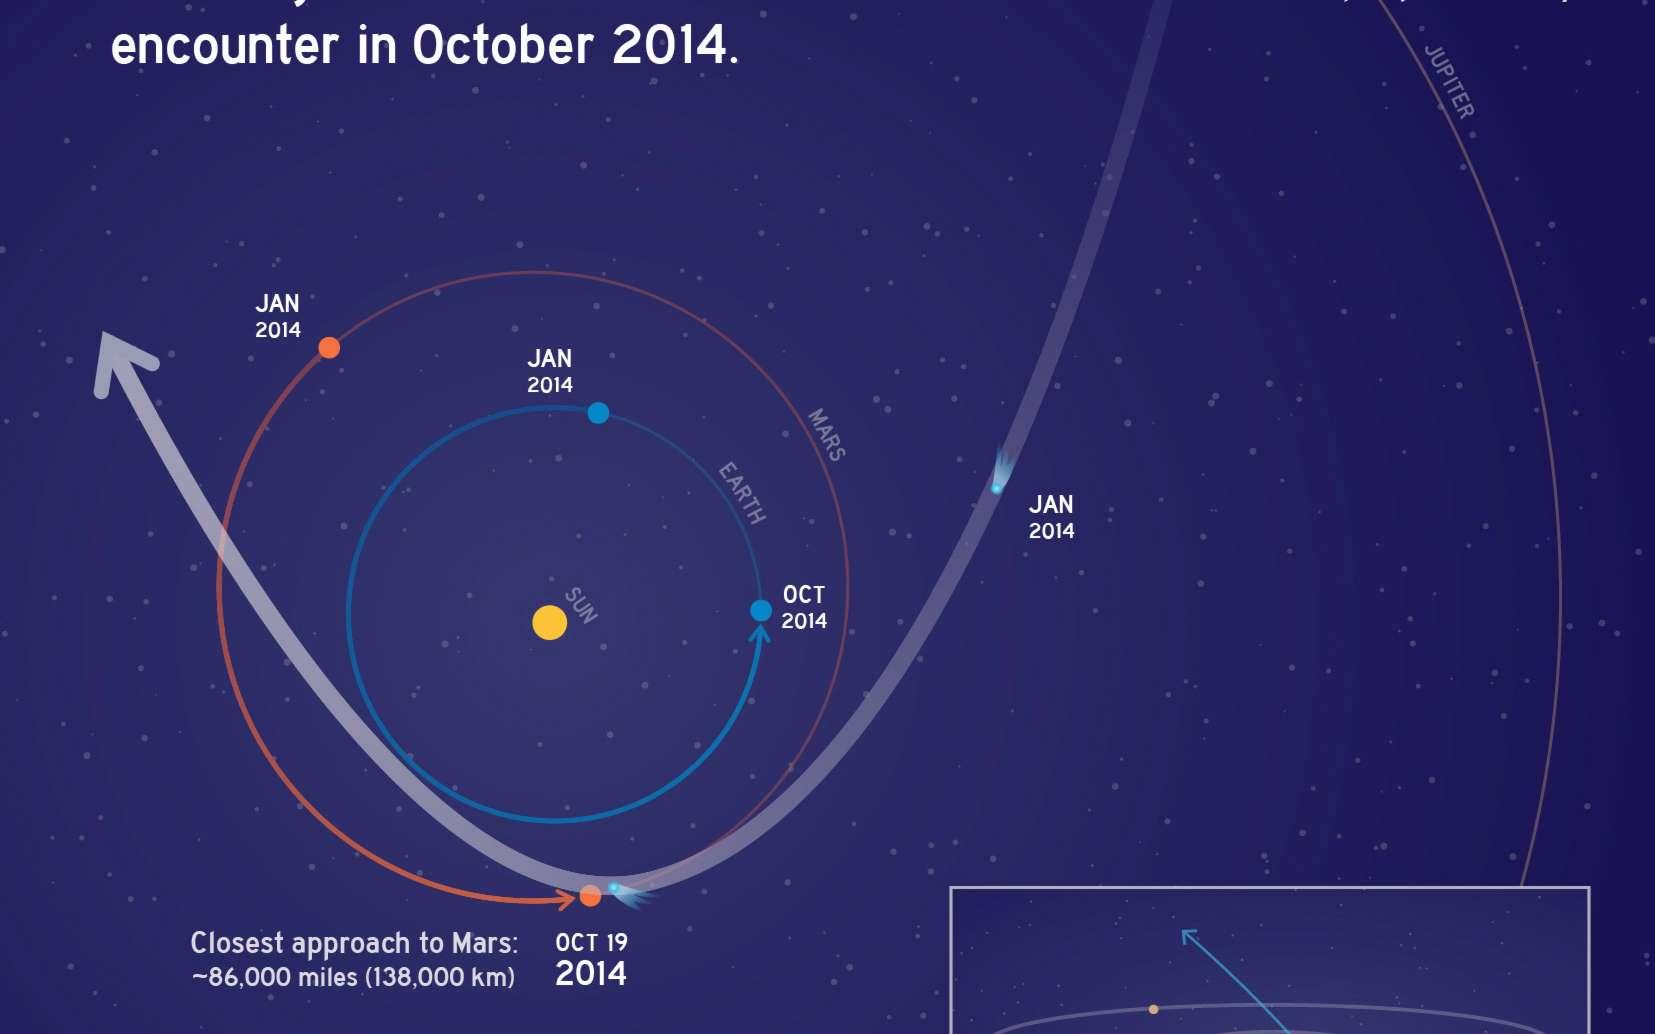 Schéma montrant l'orbite et la trajectoire de la comète Siding Spring lors de son passage attendu au-dessus de Mars en octobre 2014. Les poussières qu'elle apportera pourraient endommager les sondes en orbite autour de la Planète rouge. © Nasa